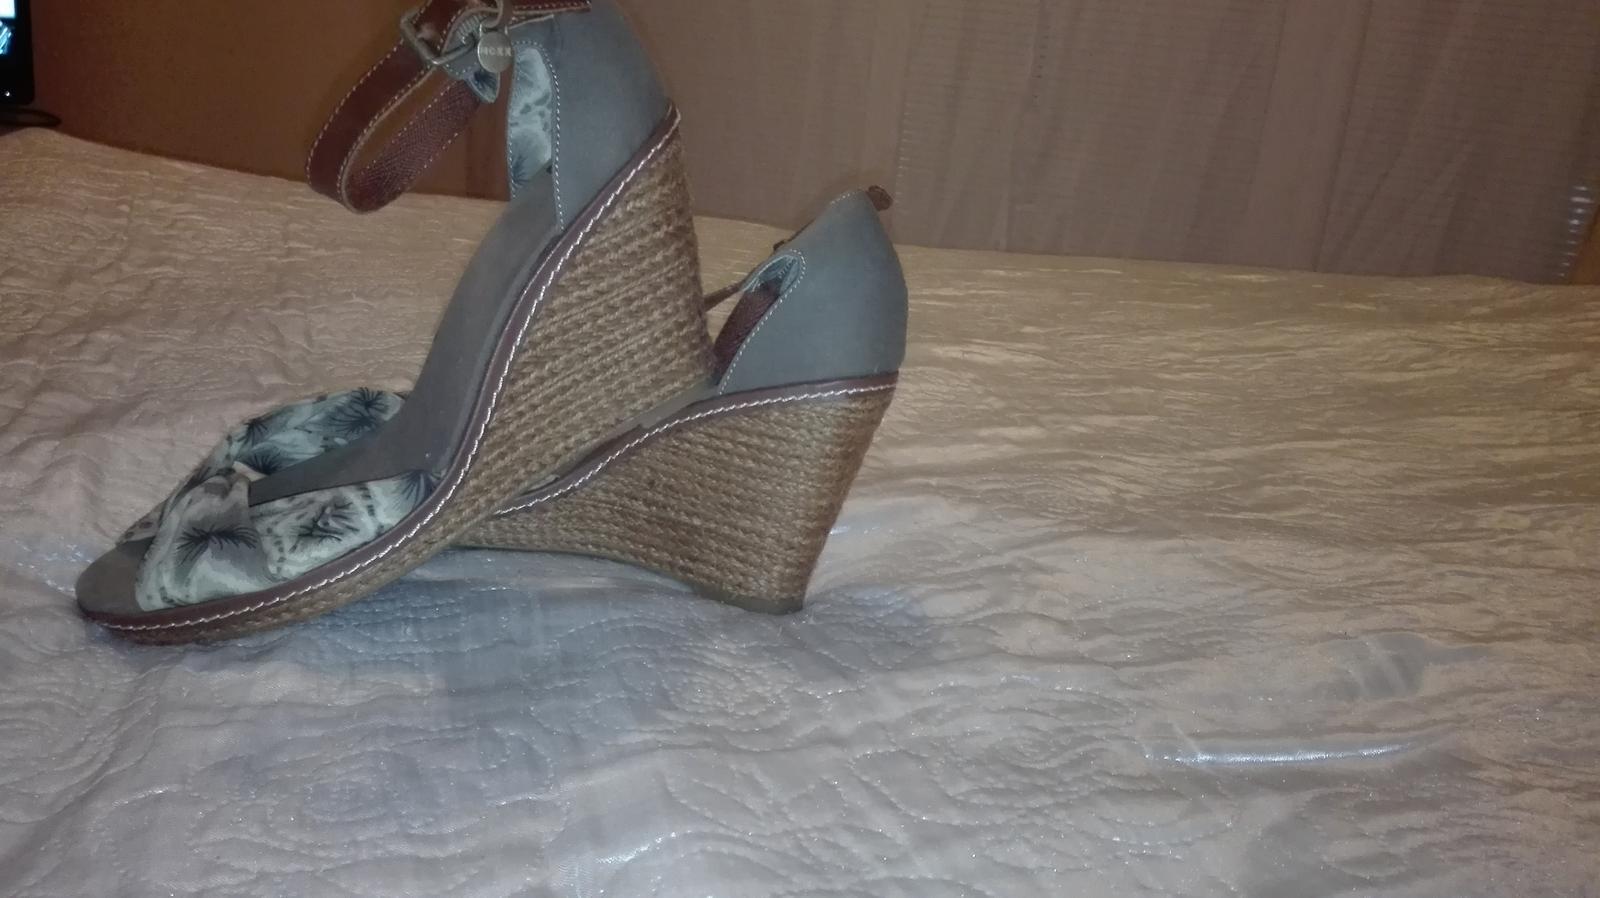 sandale Mexx - Obrázok č. 1